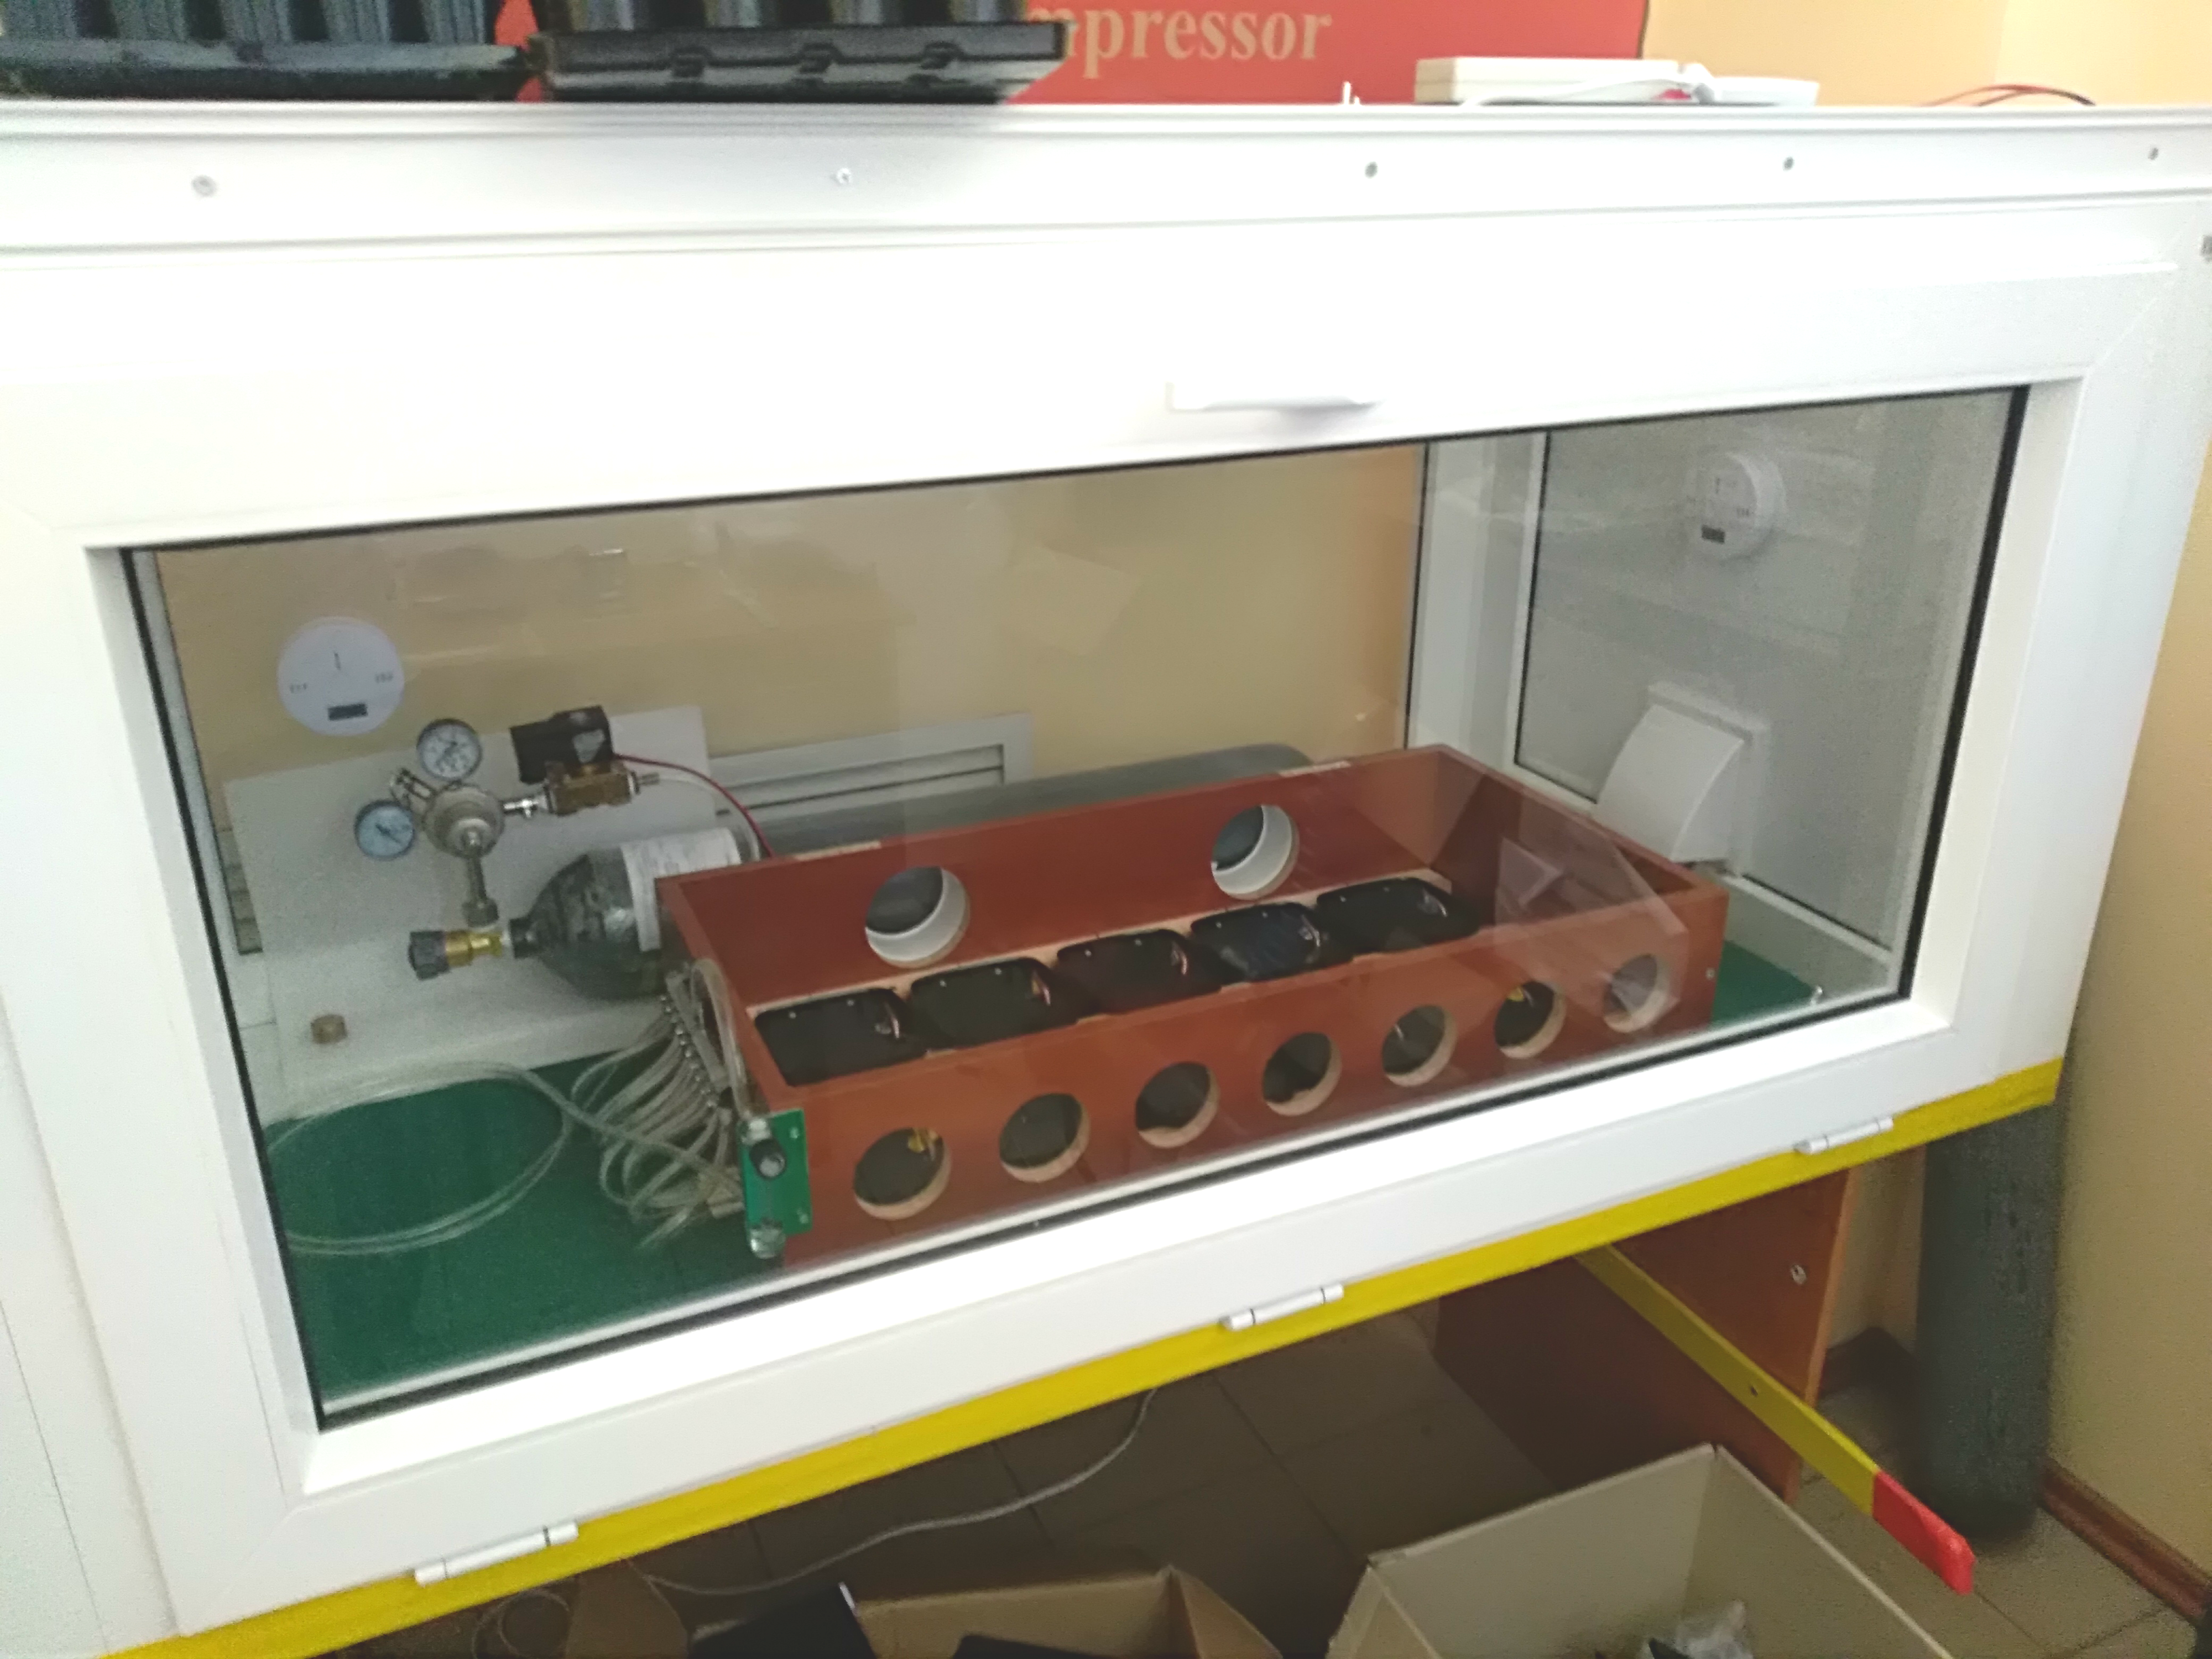 Камера для проверки датчиков, реагирующих на угарный газ